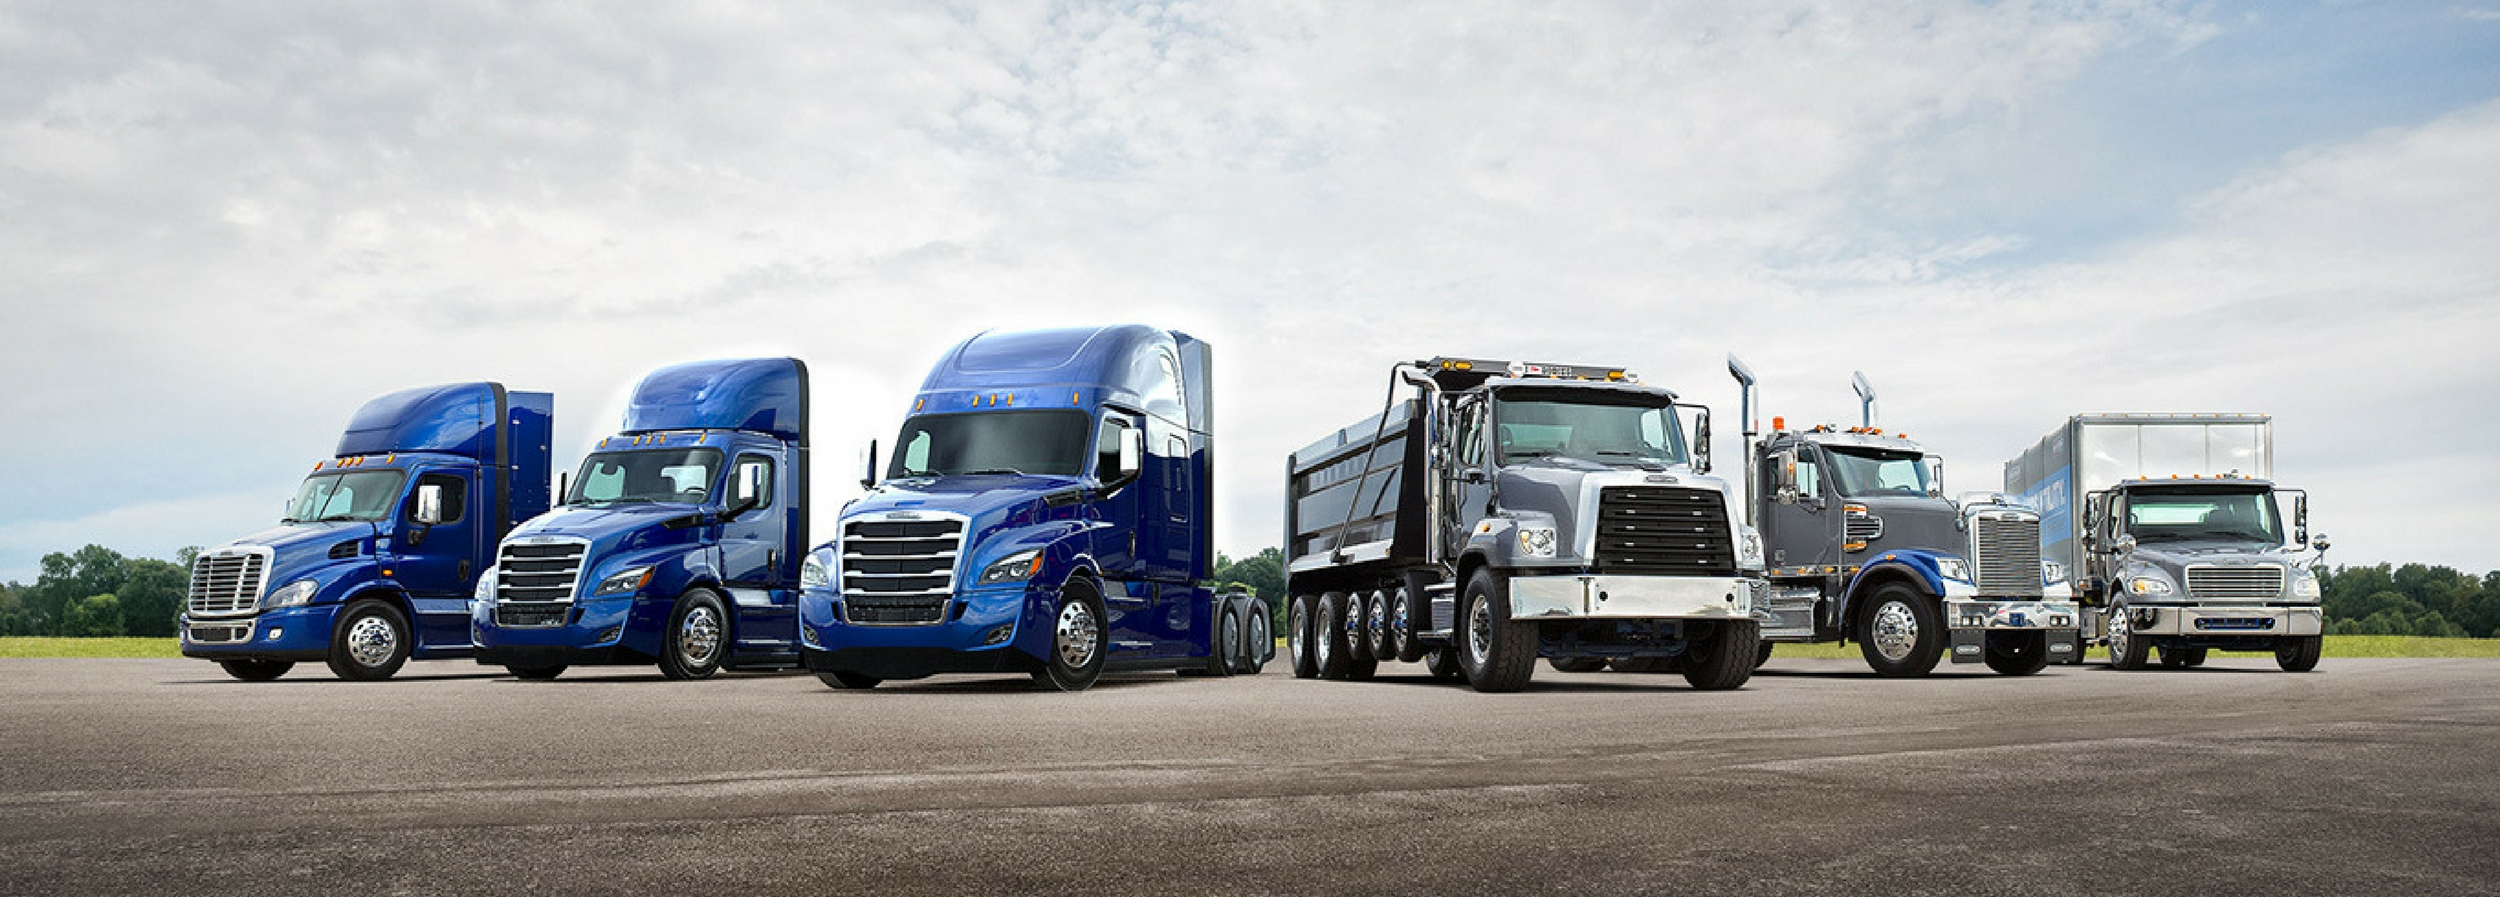 freightliner-trucks-2.jpg